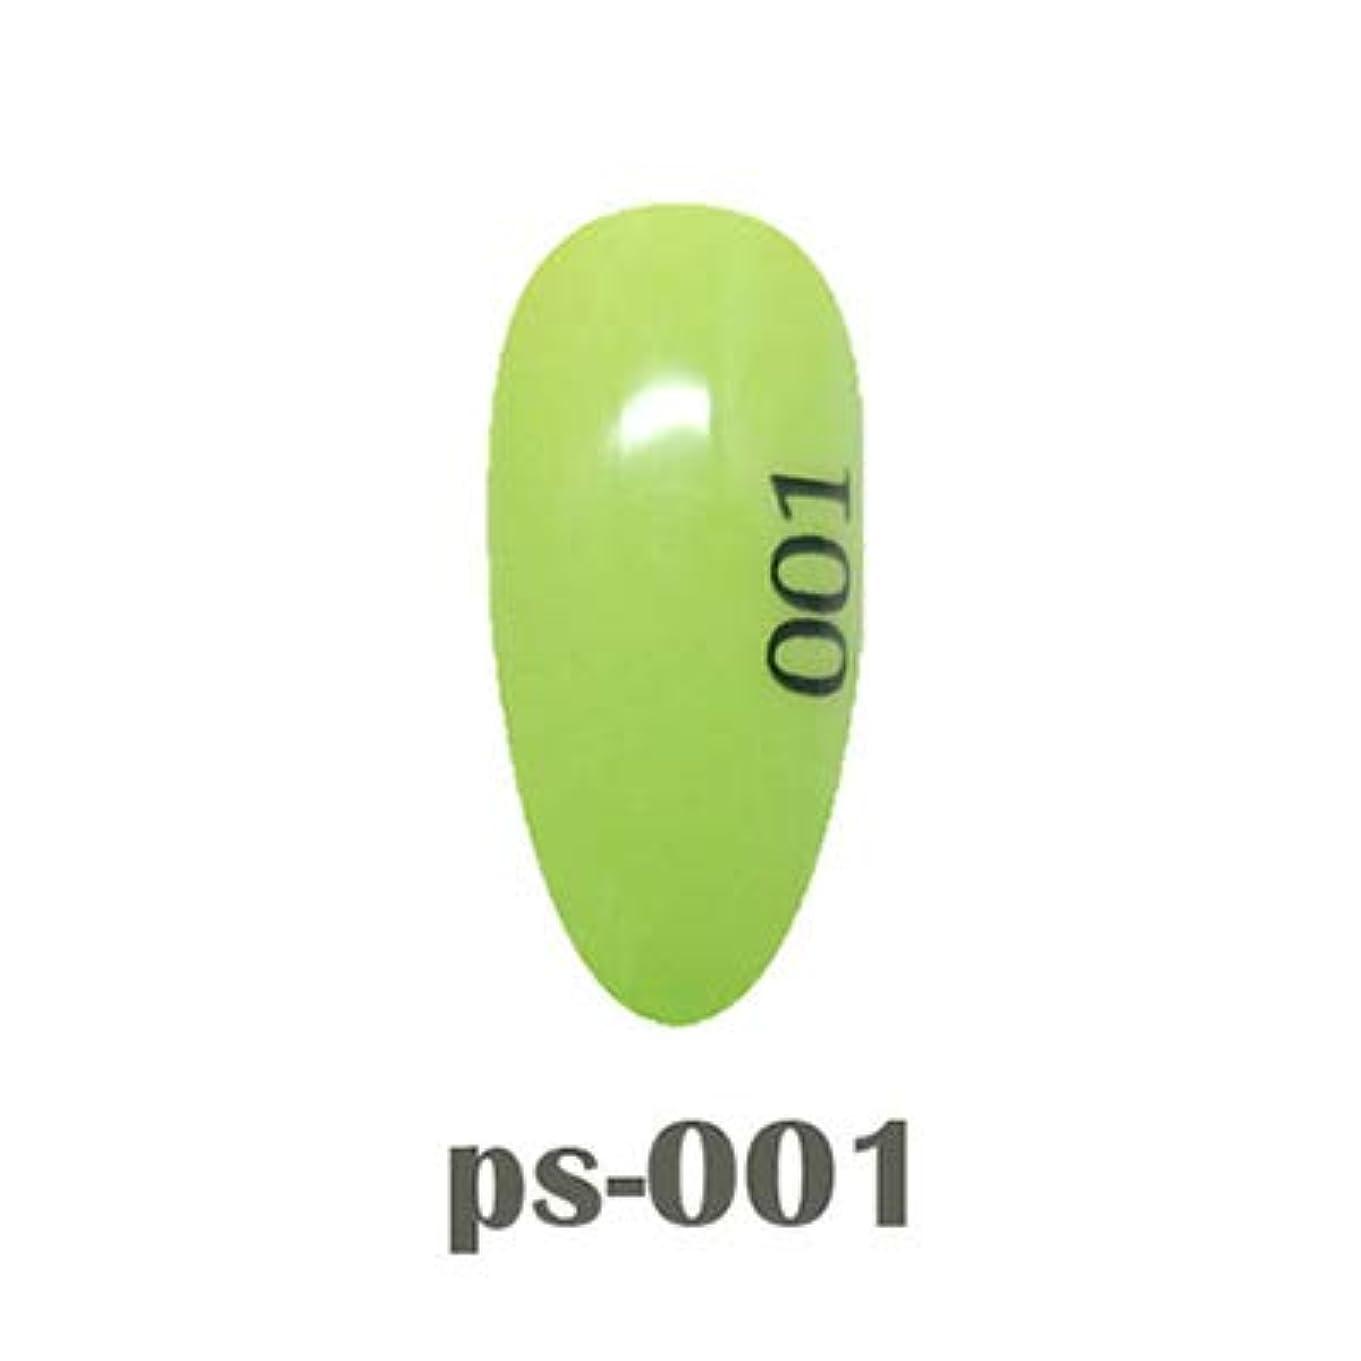 からに変化する馬力またアイスジェル カラージェル ポイントパステルシリーズ PP-001 3g